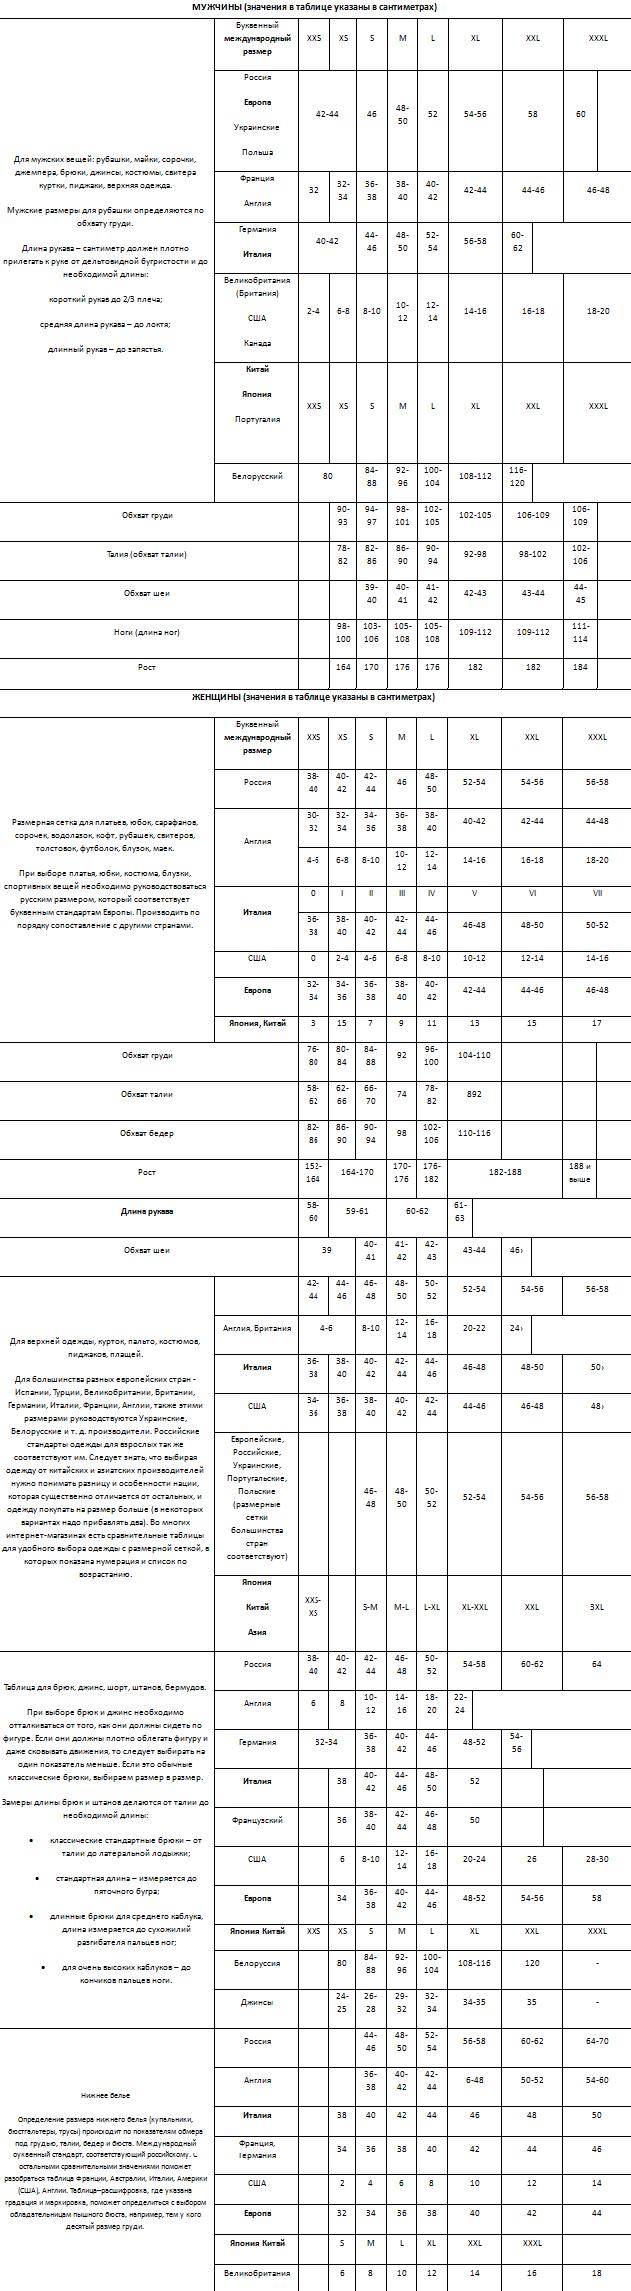 Размерная сетка женской одежды: российская, европейская, китайская, США и другие